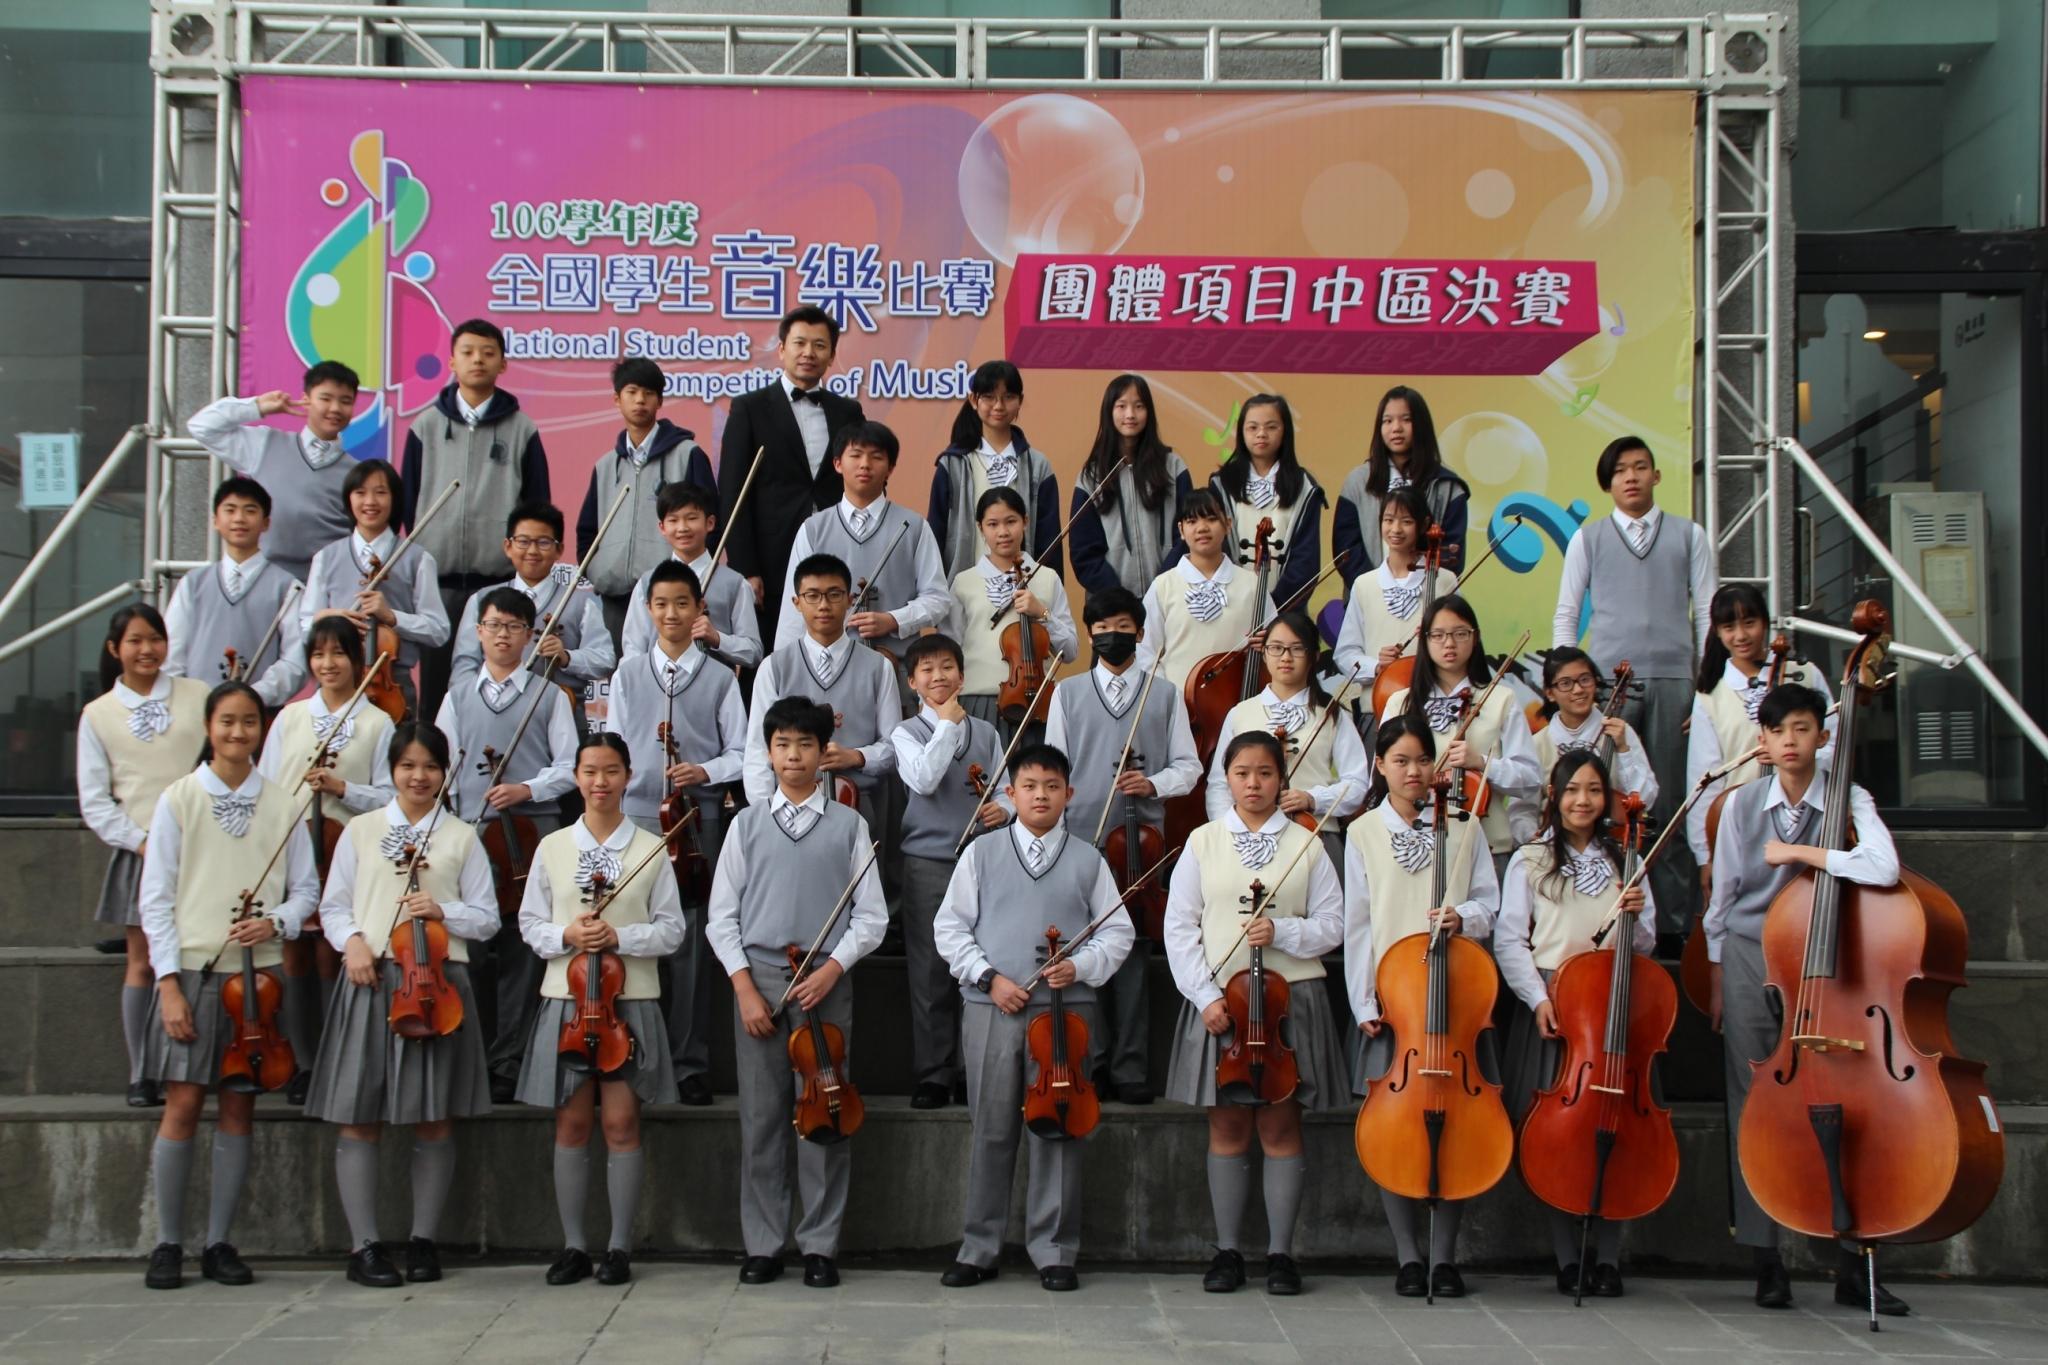 賀!國中部弦樂團參加全國學生音樂比賽榮獲優等